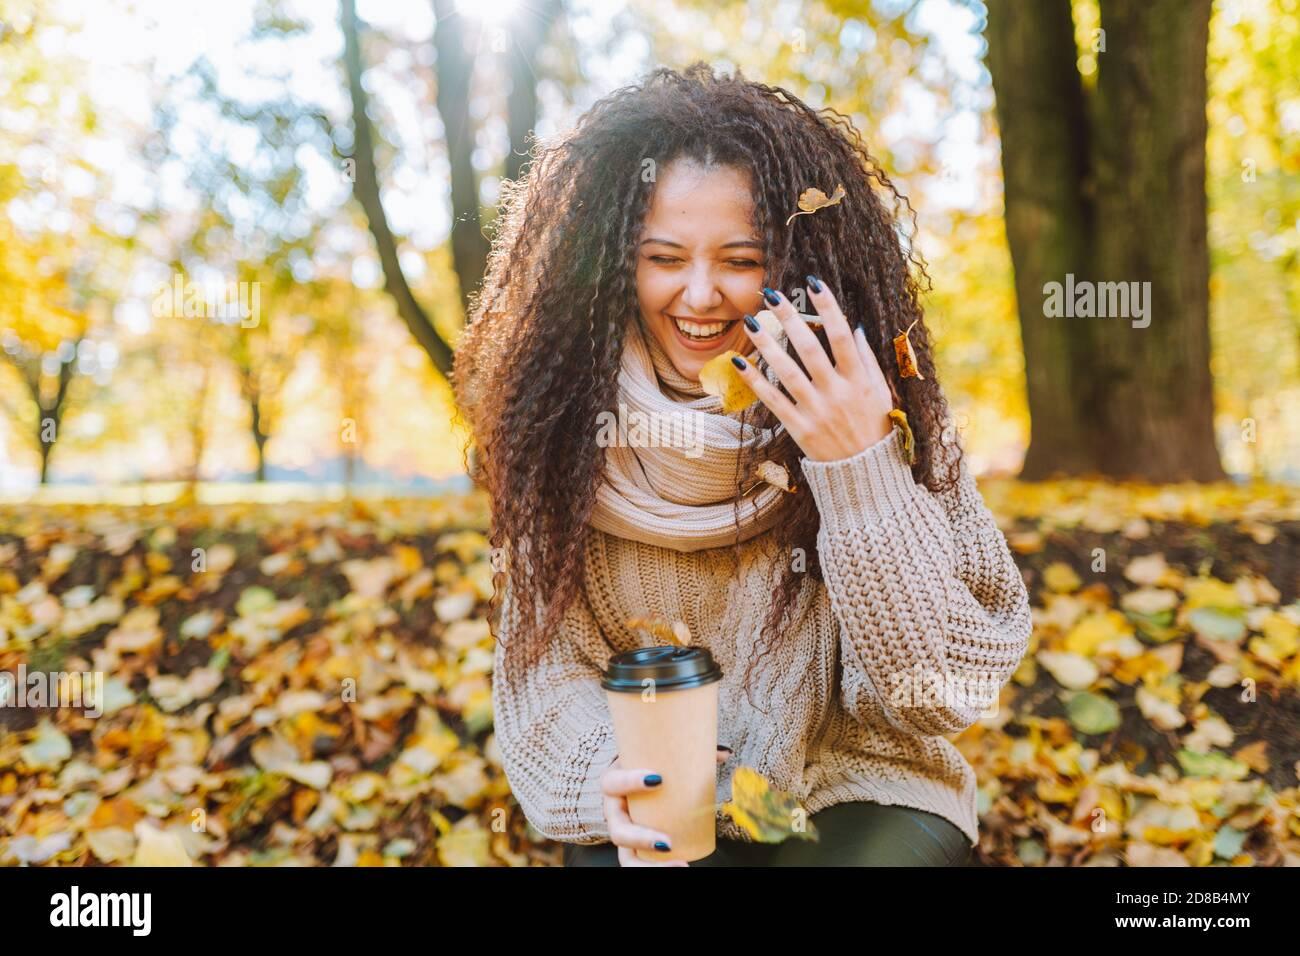 Positive afro cheveux femme avec beau sourire portant pull tricoté et le foulard jette des feuilles jaunes d'automne dans le parc sur le soleil jour Banque D'Images